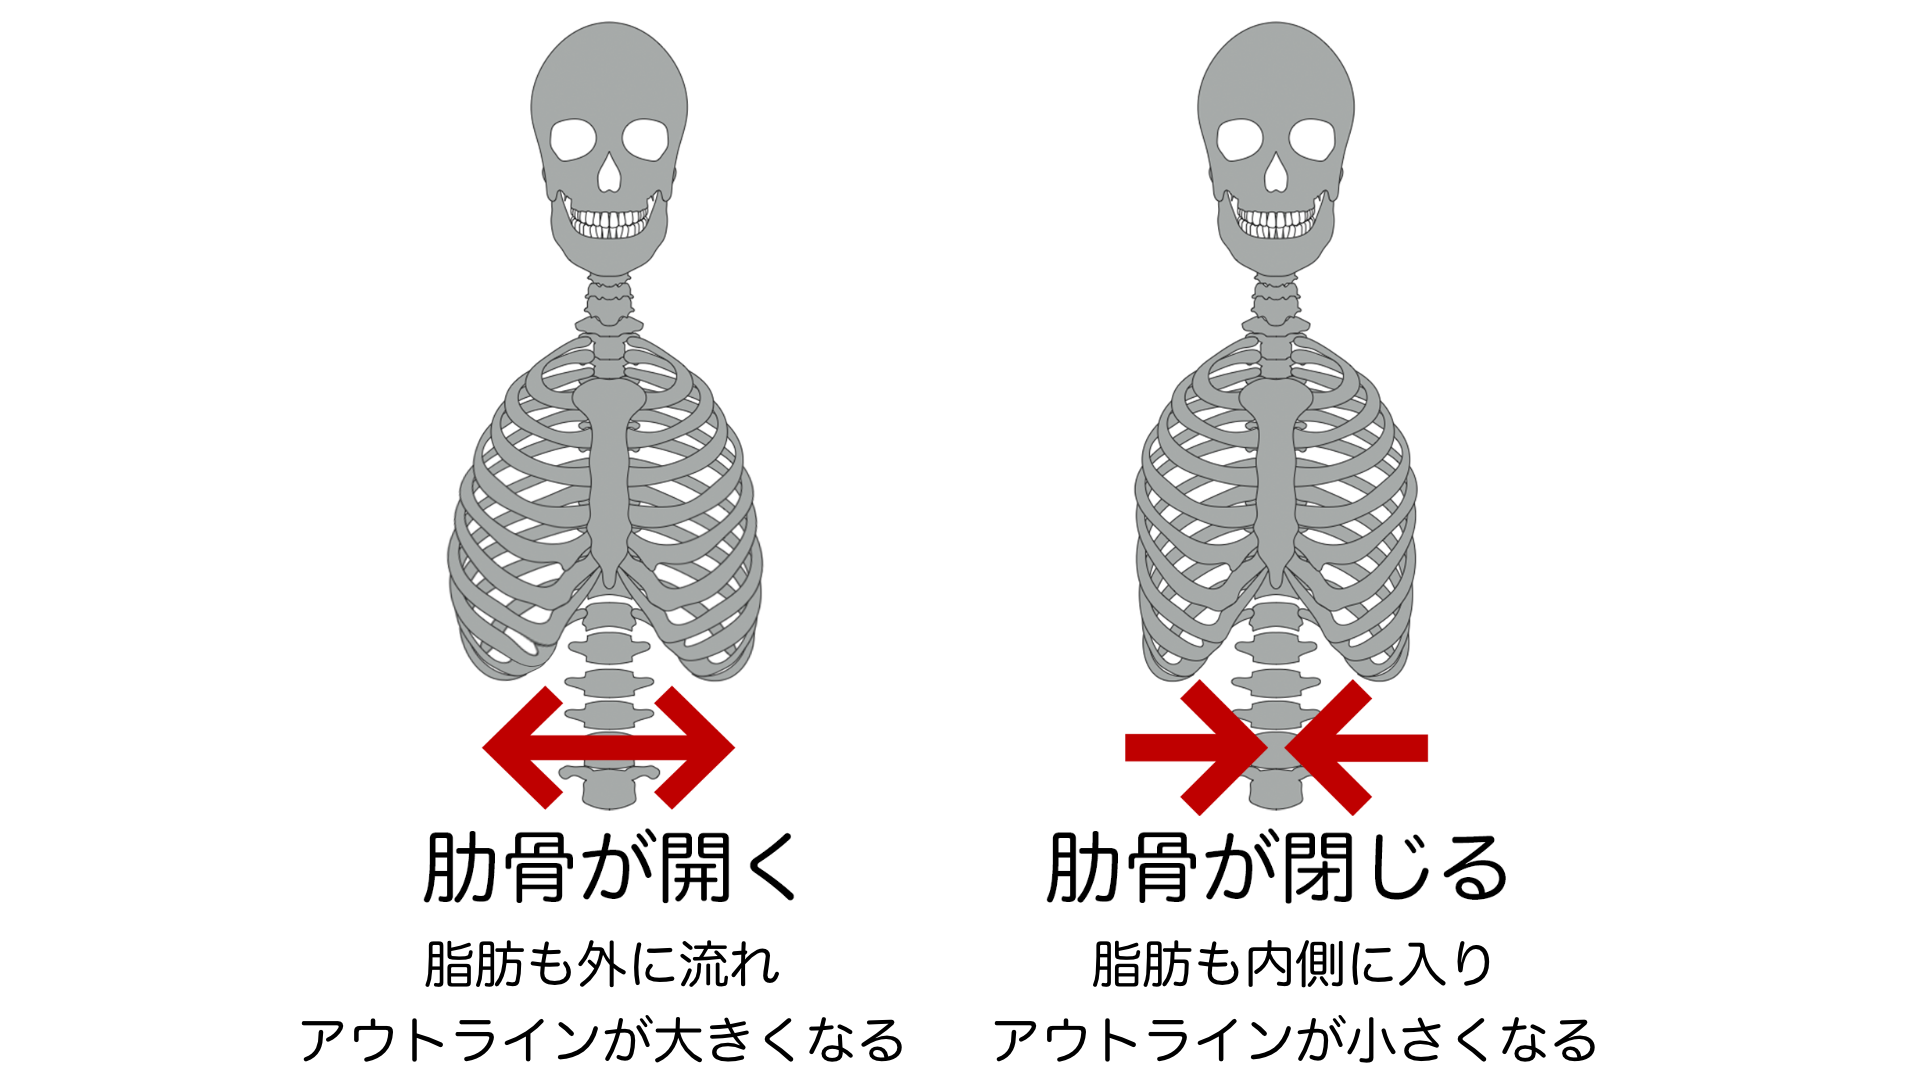 肋骨開く 閉じる説明